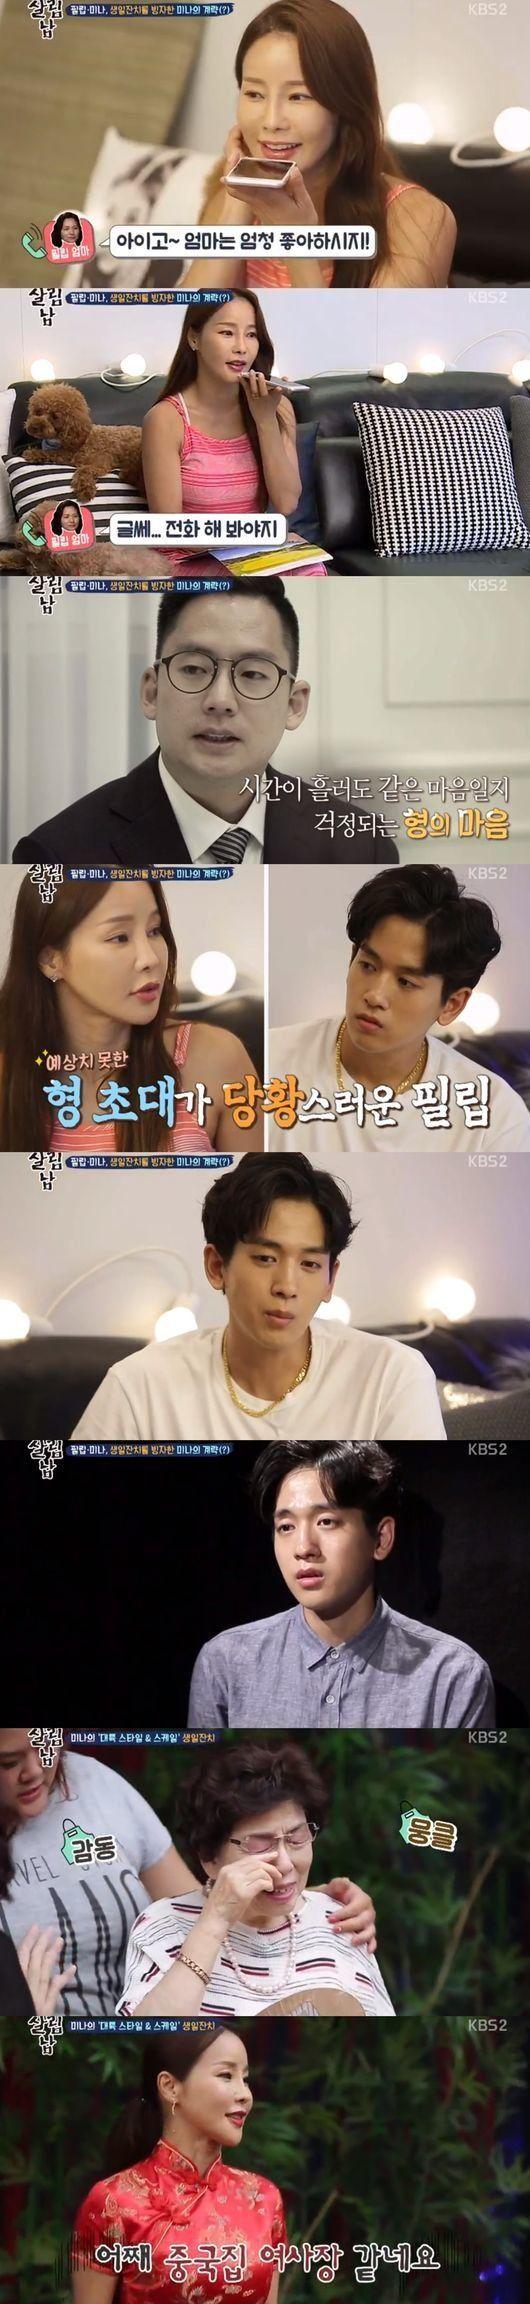 [어저께TV]'살림남2' 류필립, 兄과 화해‥미나